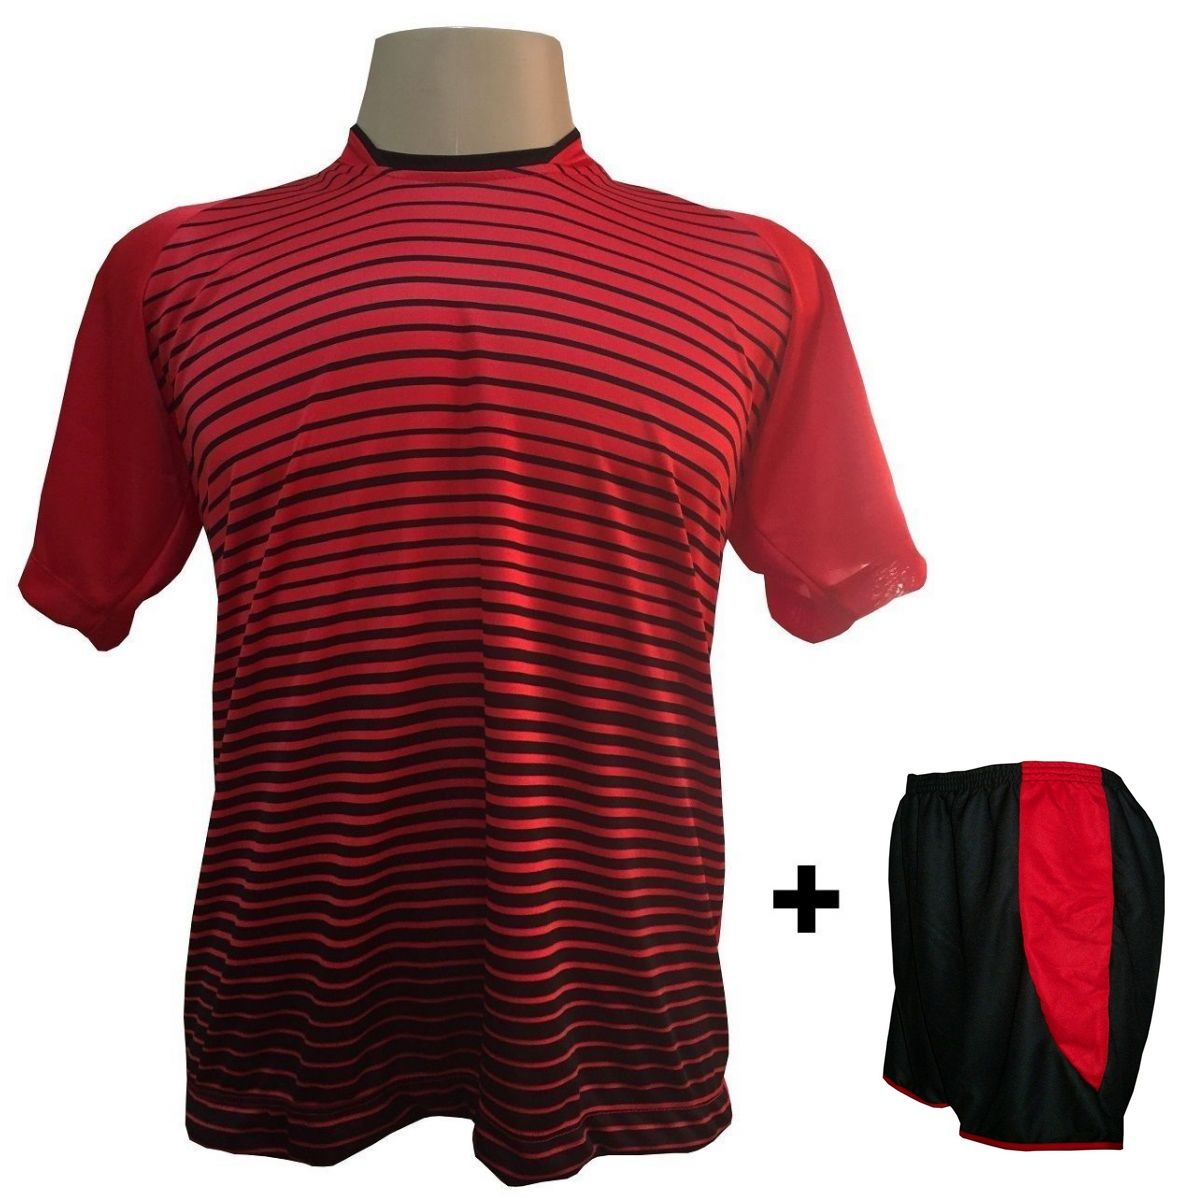 Uniforme Esportivo com 18 camisas modelo City Vermelho/Preto + 18 calções modelo Copa Preto/Vermelho + Brindes